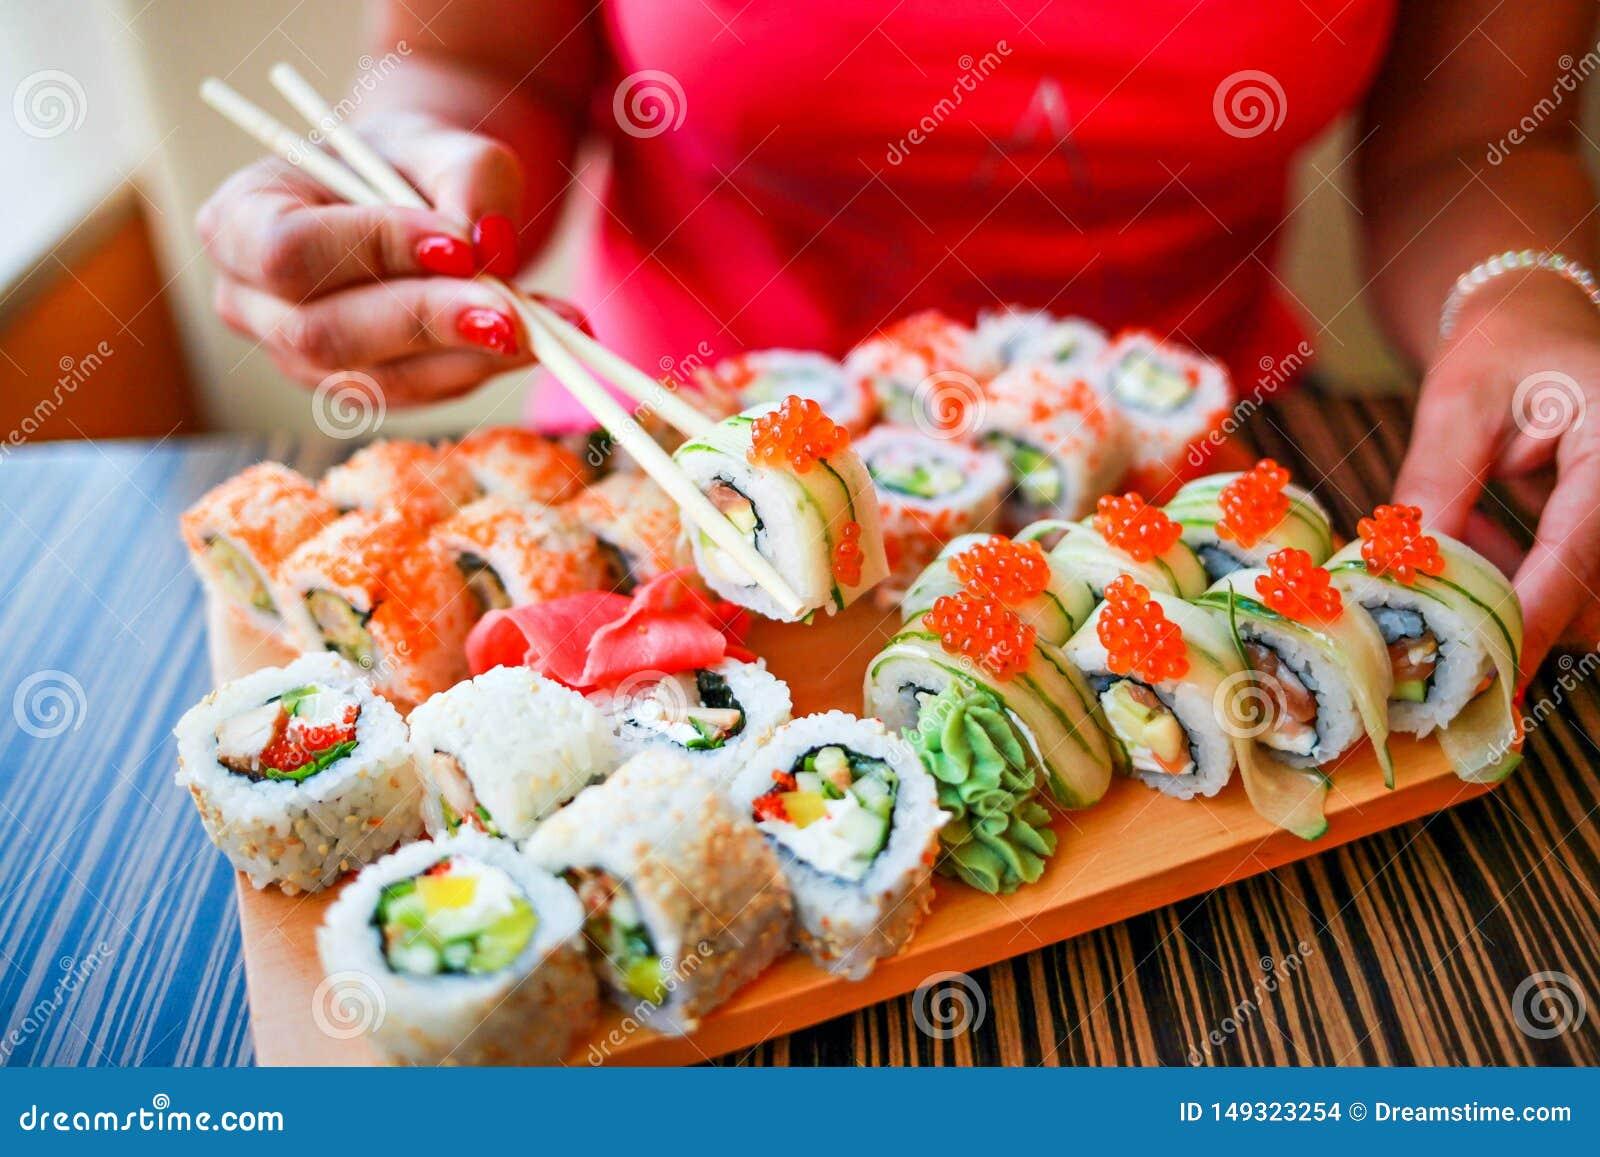 Het meisje met goed-verzorgde handen houdt eetstokjes voor sushi Het meisje eet een grote reeks sushi